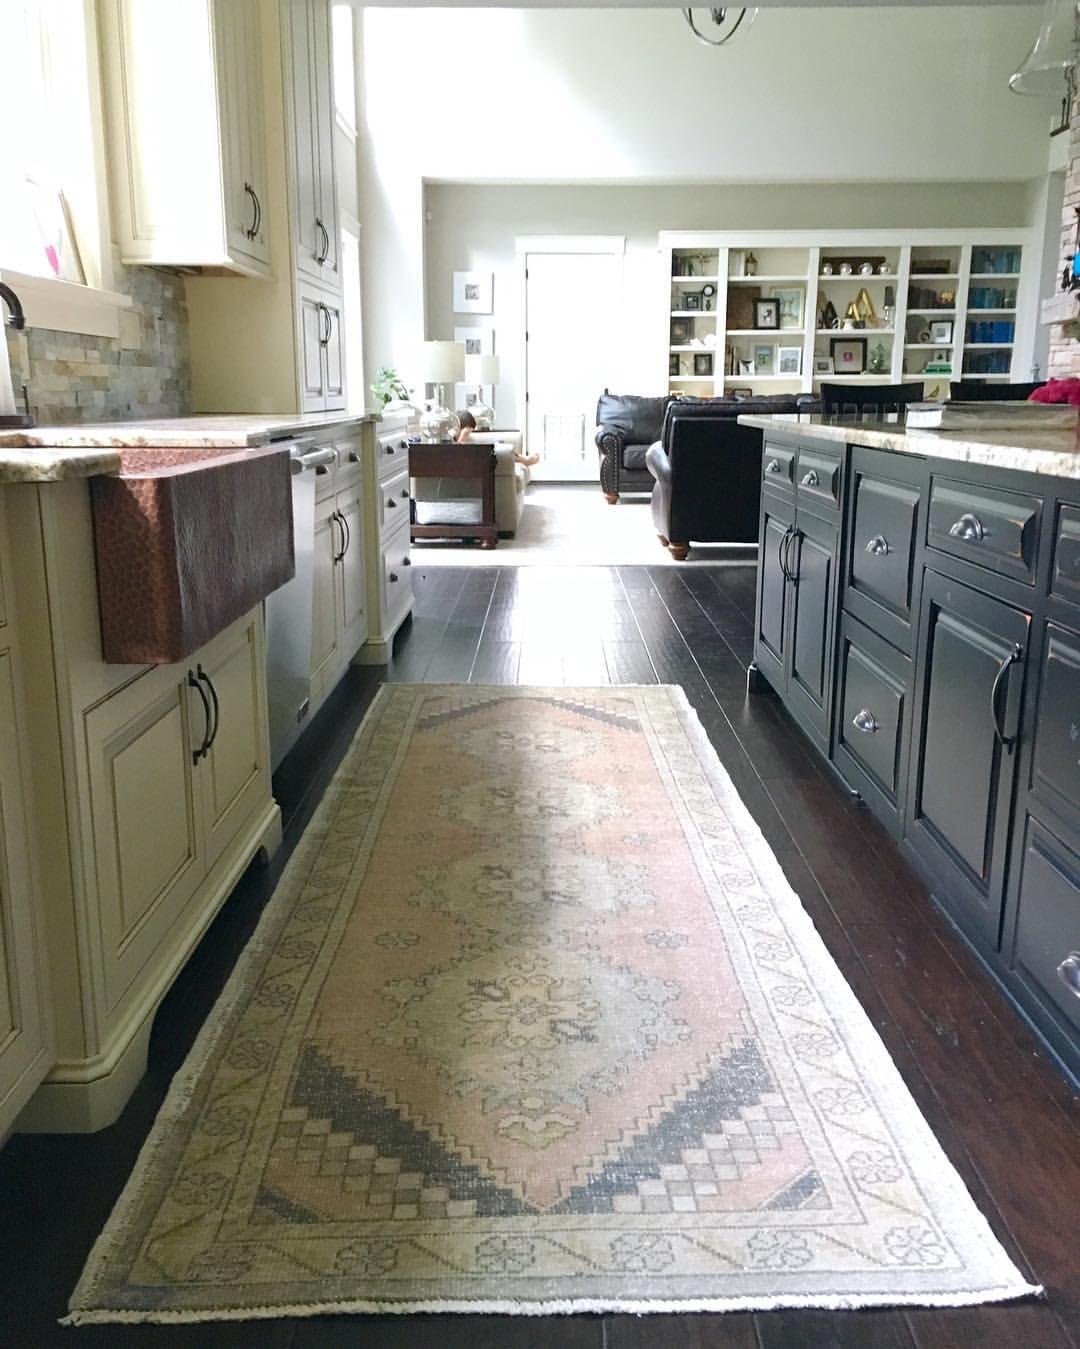 farmhouse kitchen vintage rug oushak rug two toned kitchen farmhouse kitchen vintage rug oushak rug two toned kitchen black and